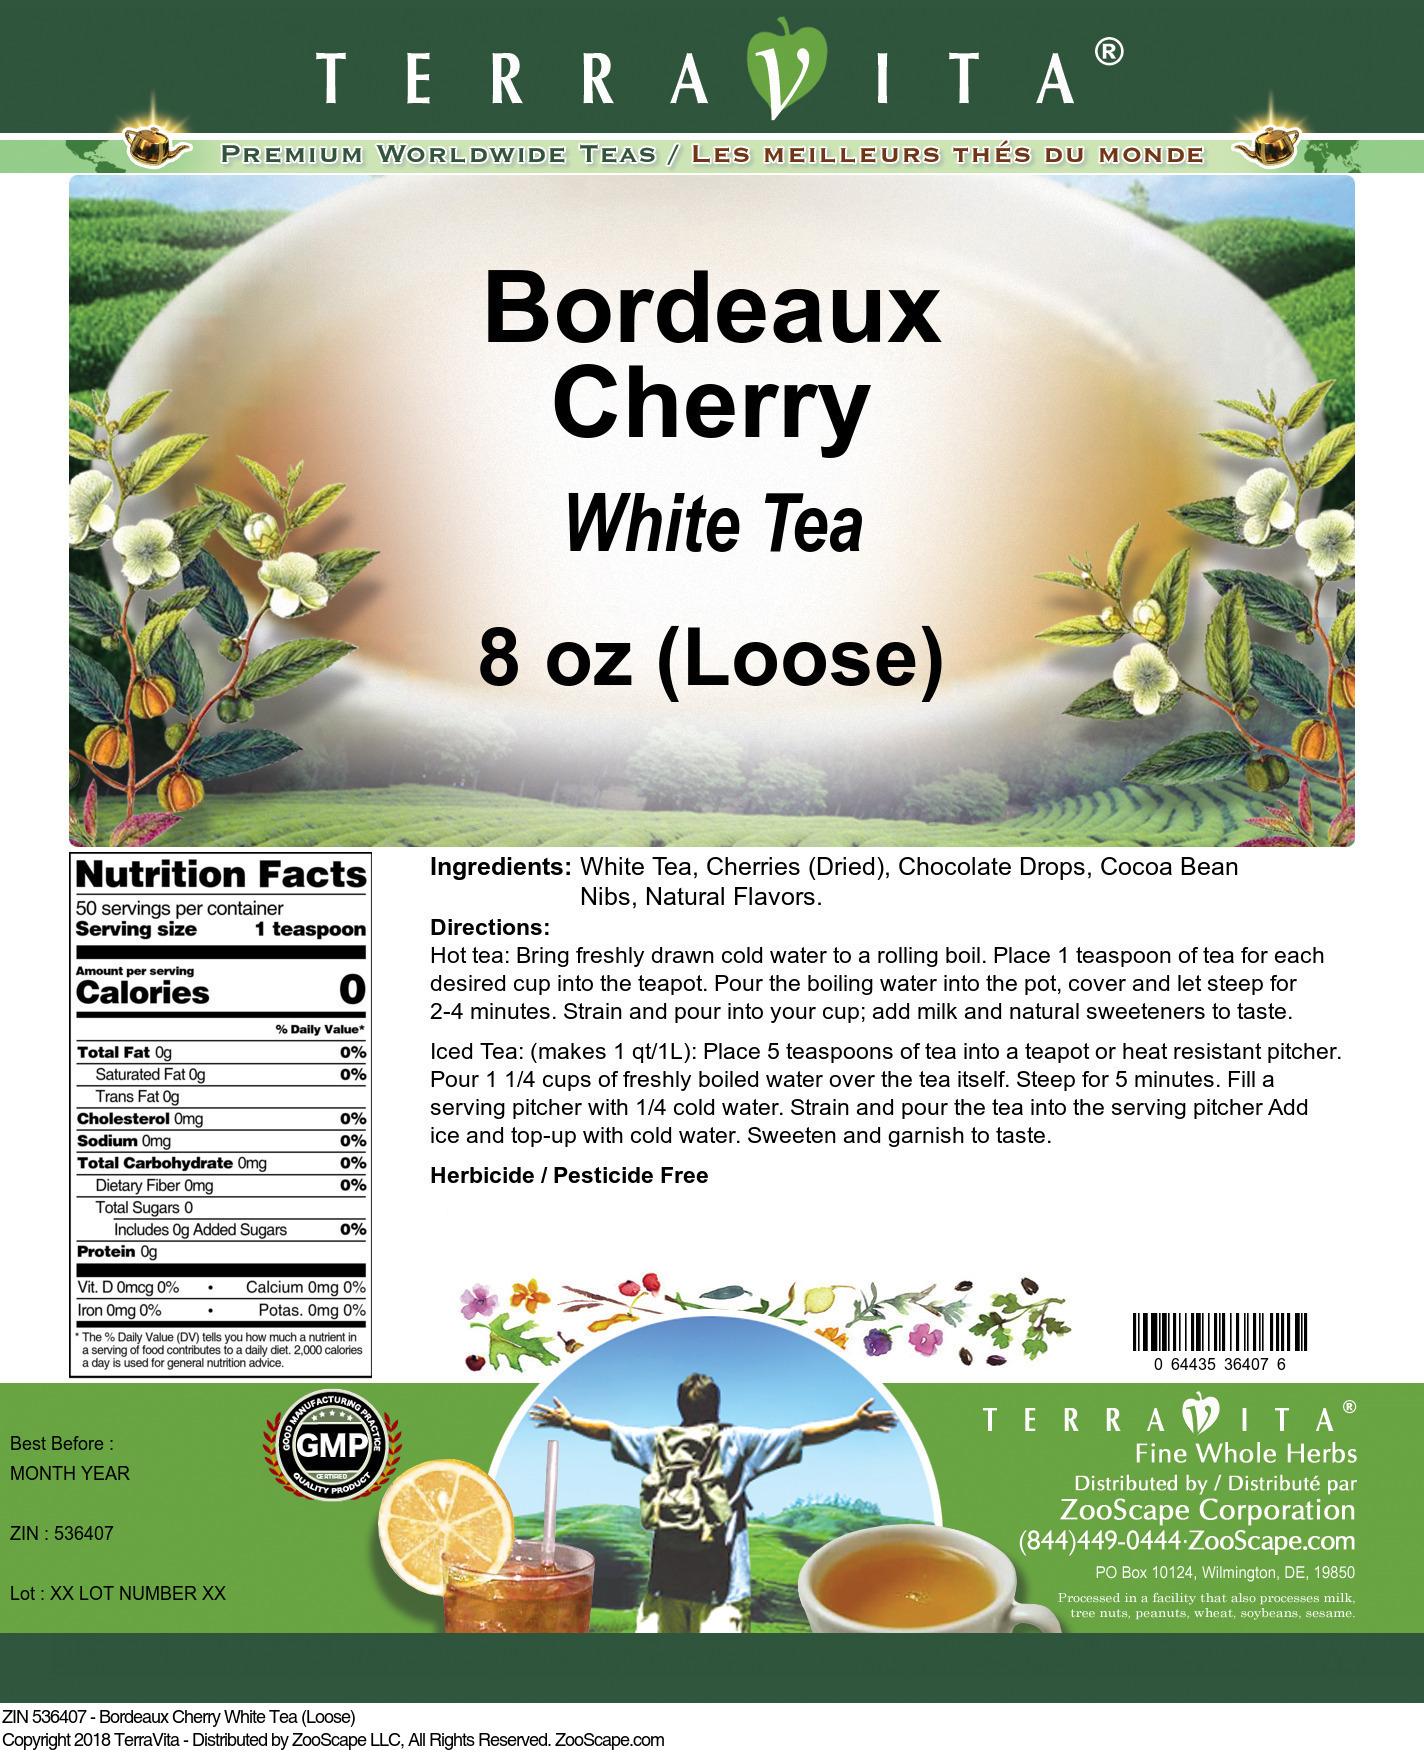 Bordeaux Cherry White Tea